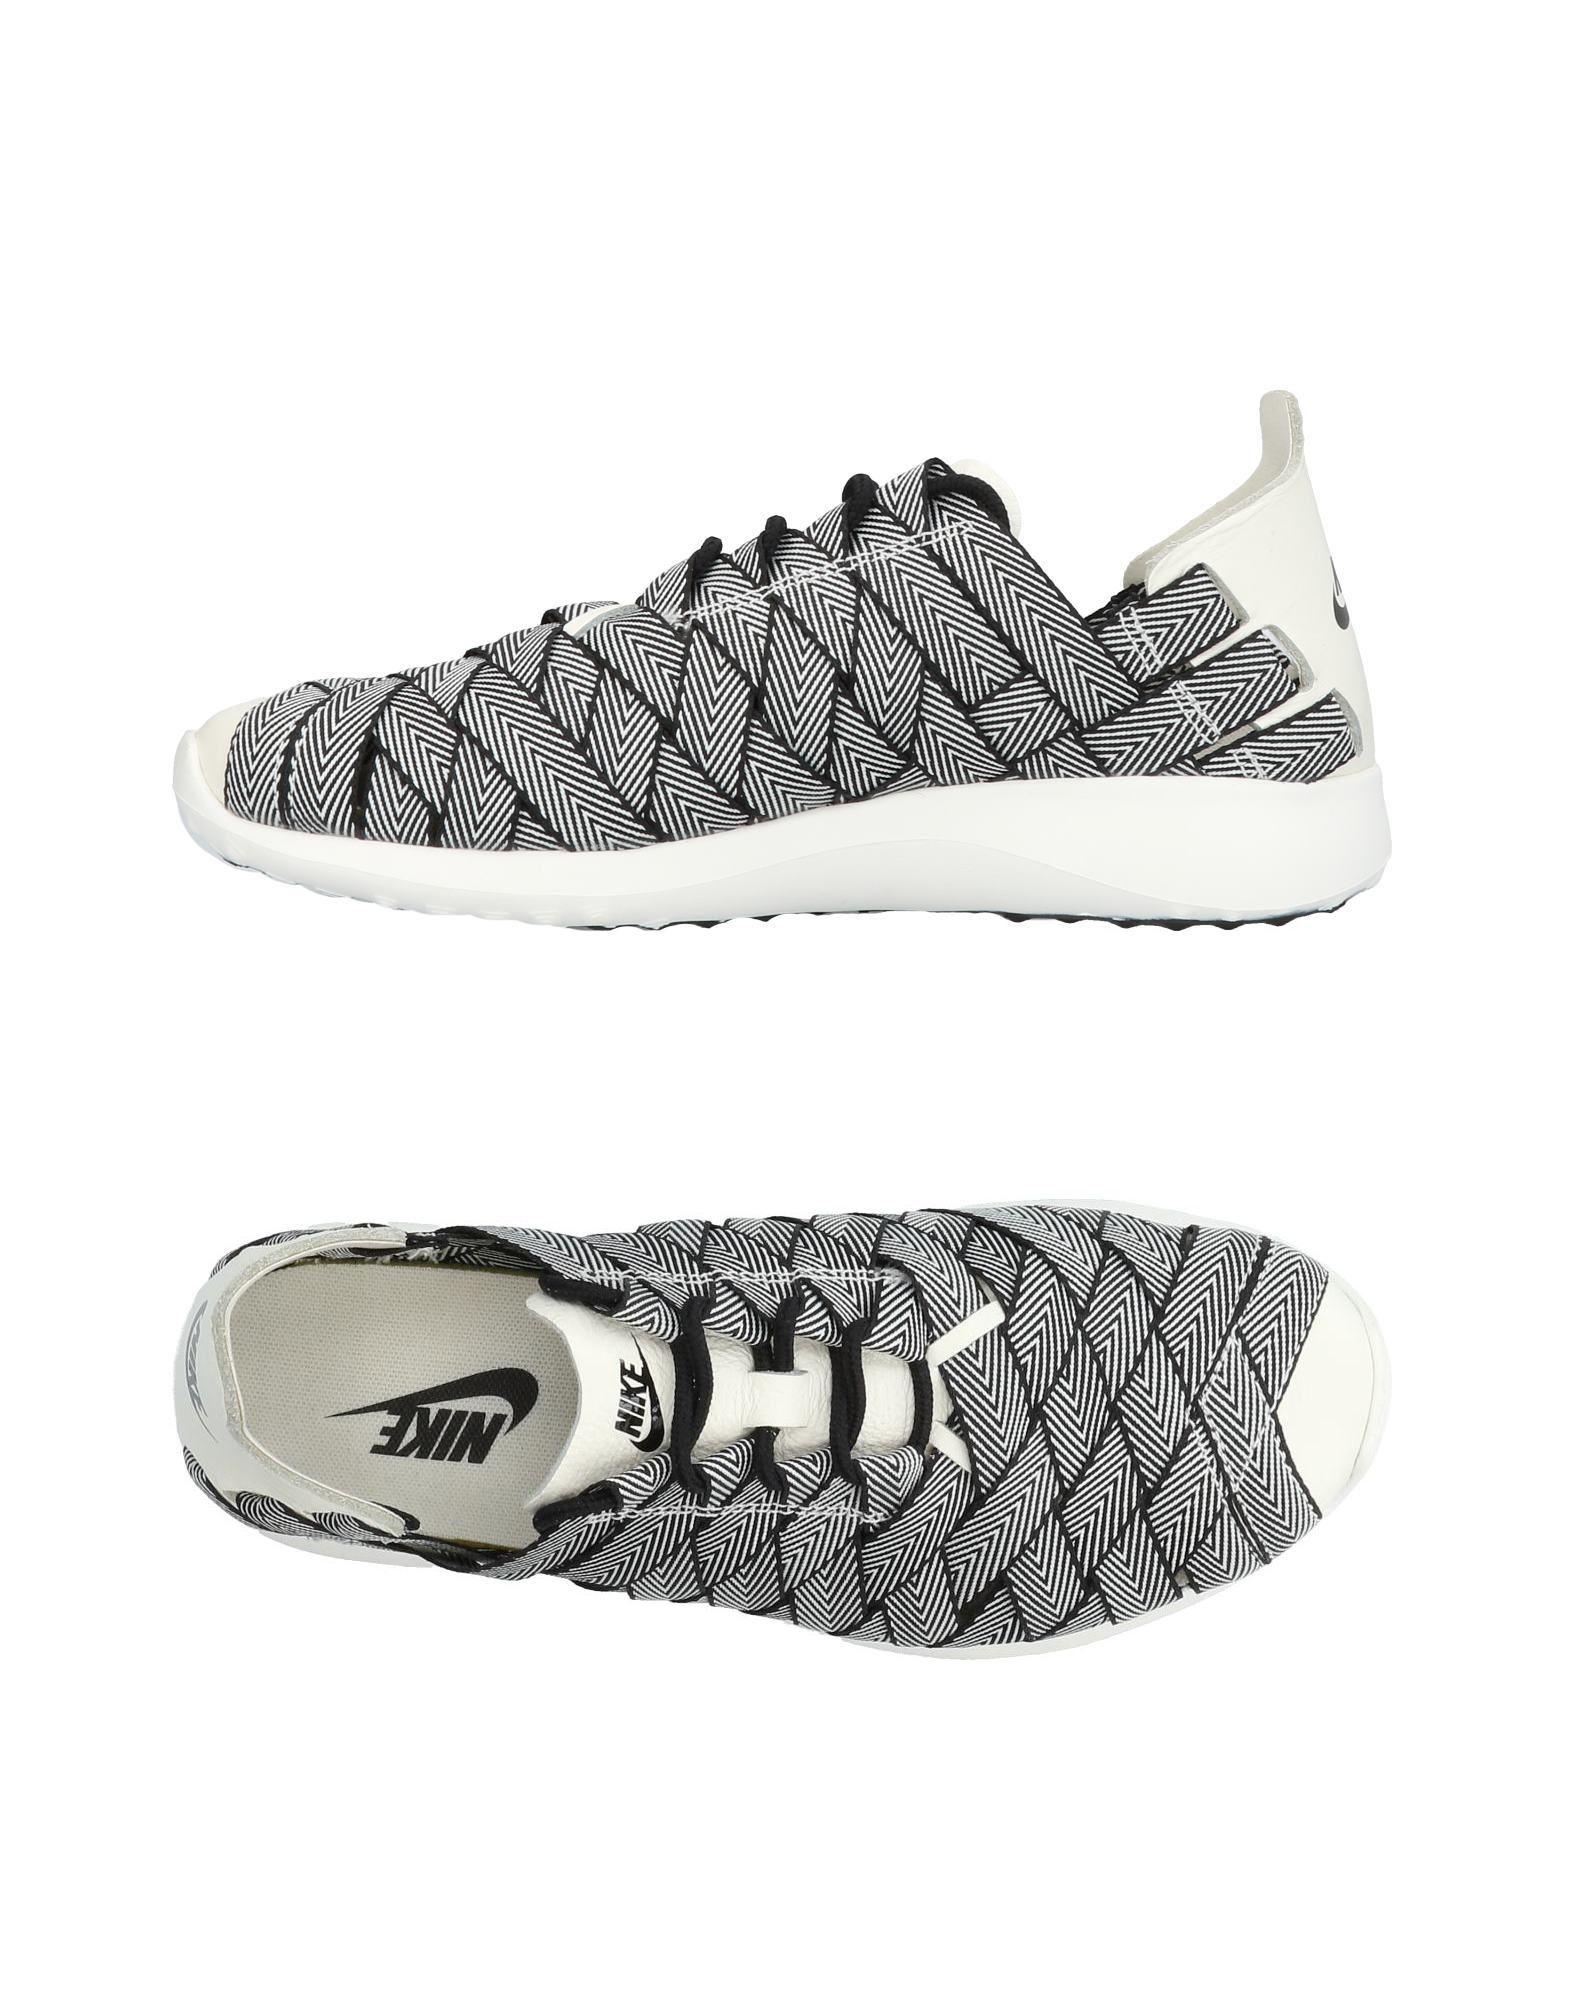 Moda Sneakers Nike Donna - 11424621KS